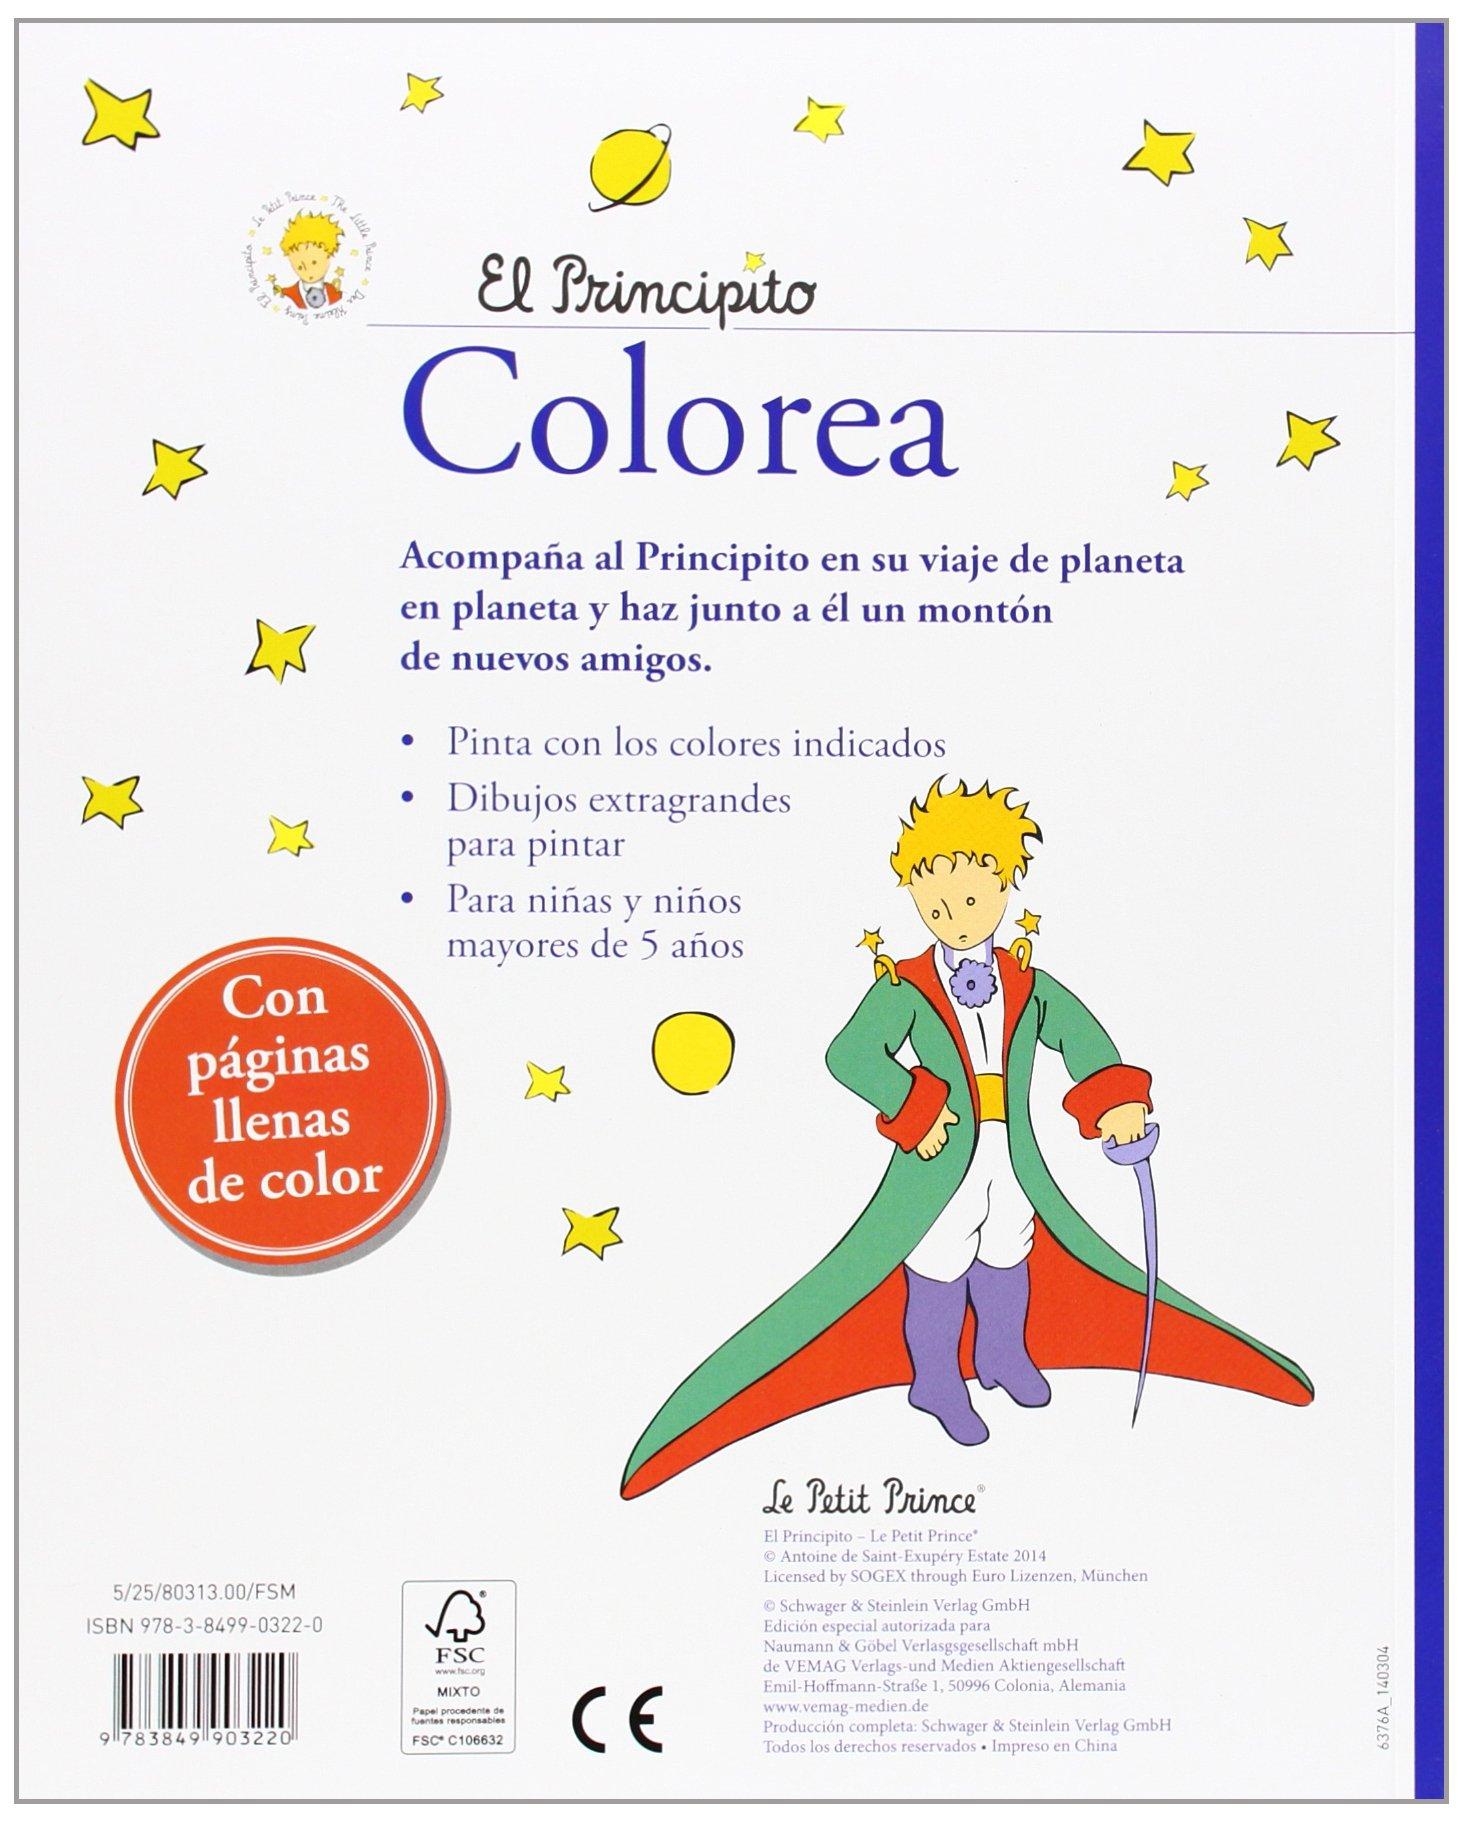 Descubre El Principito Libros Colorin Colorado